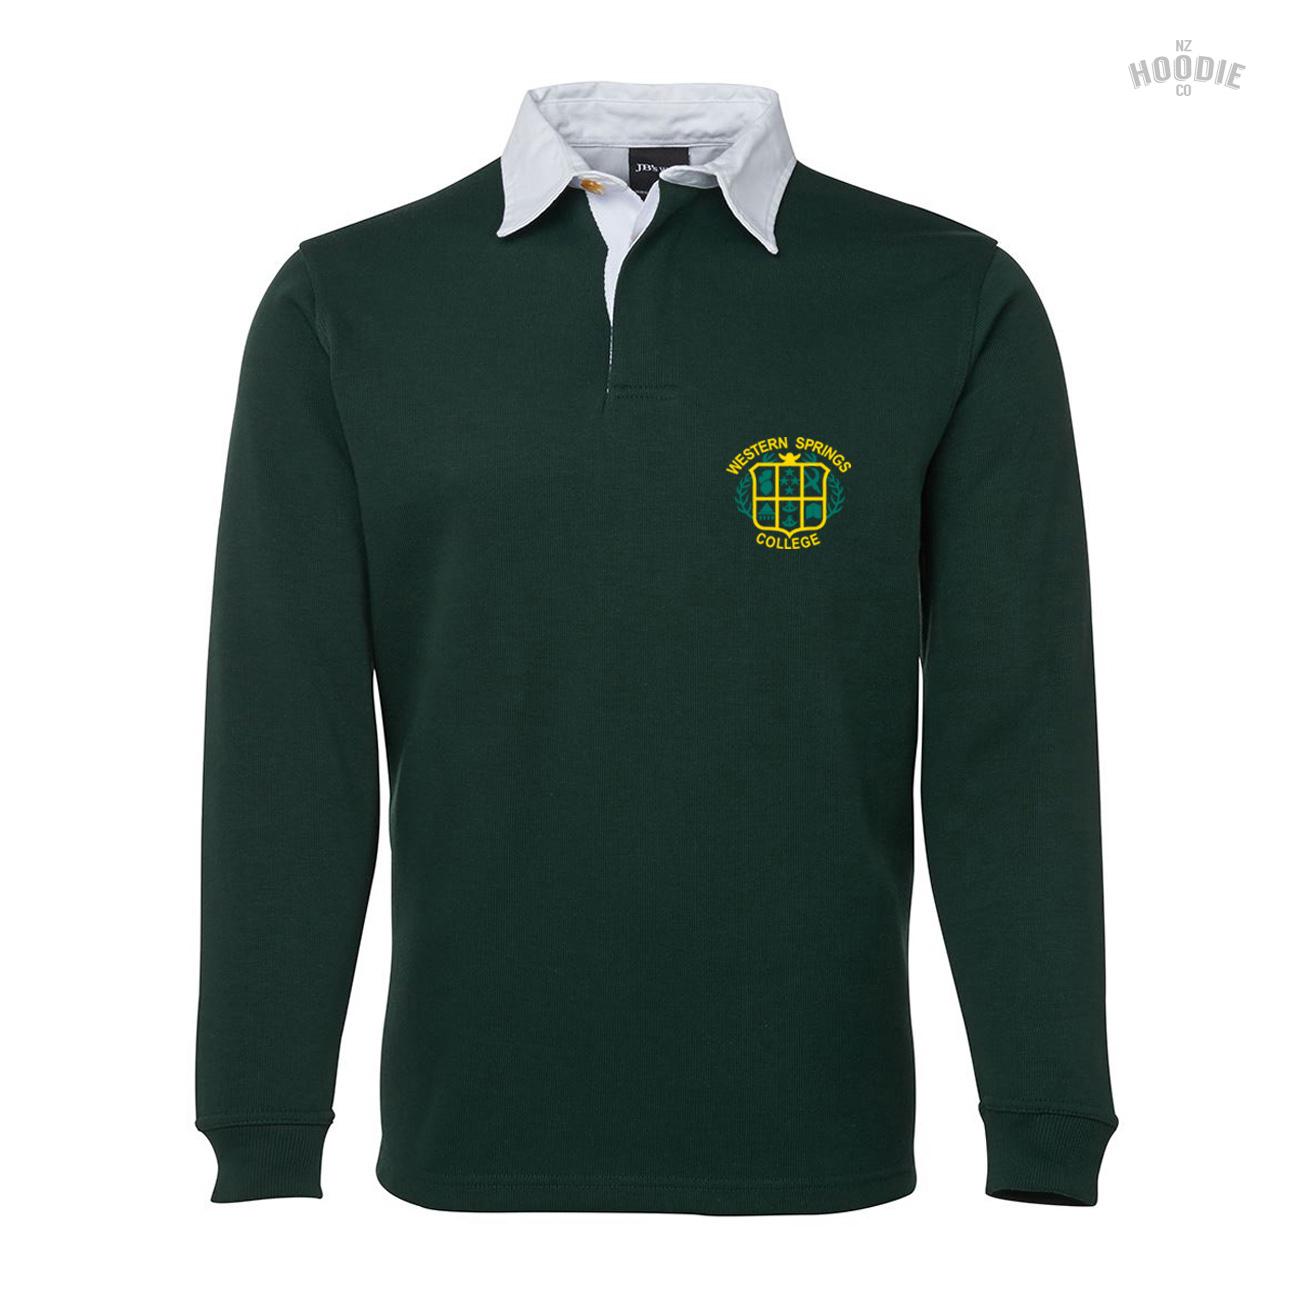 western-springs-college-2015-leavers-jersey-front.jpg